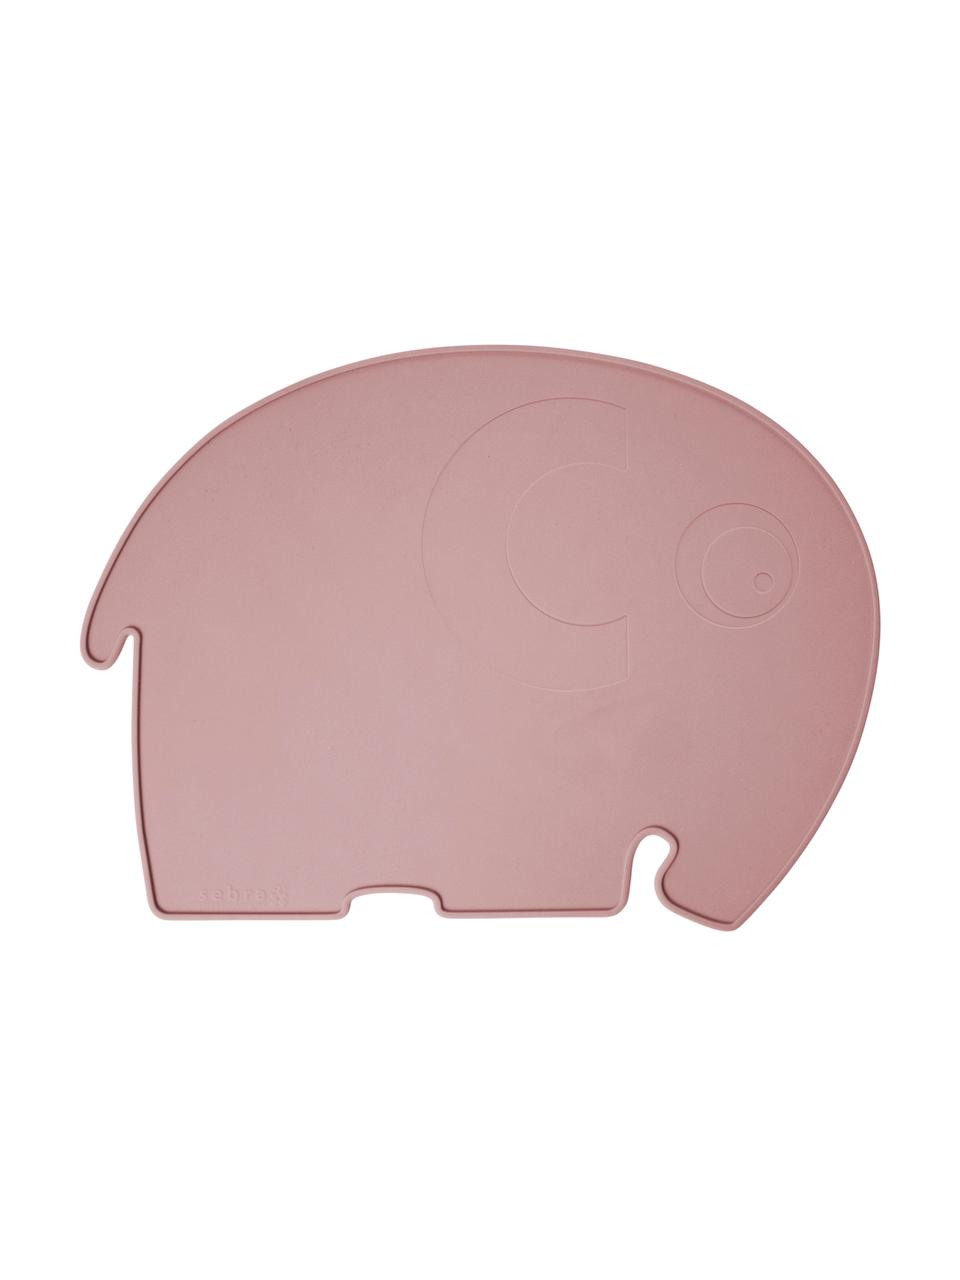 Silikon-Tischset Fanto, Silikon, BPA-frei, Rosa, 43 x 33 cm